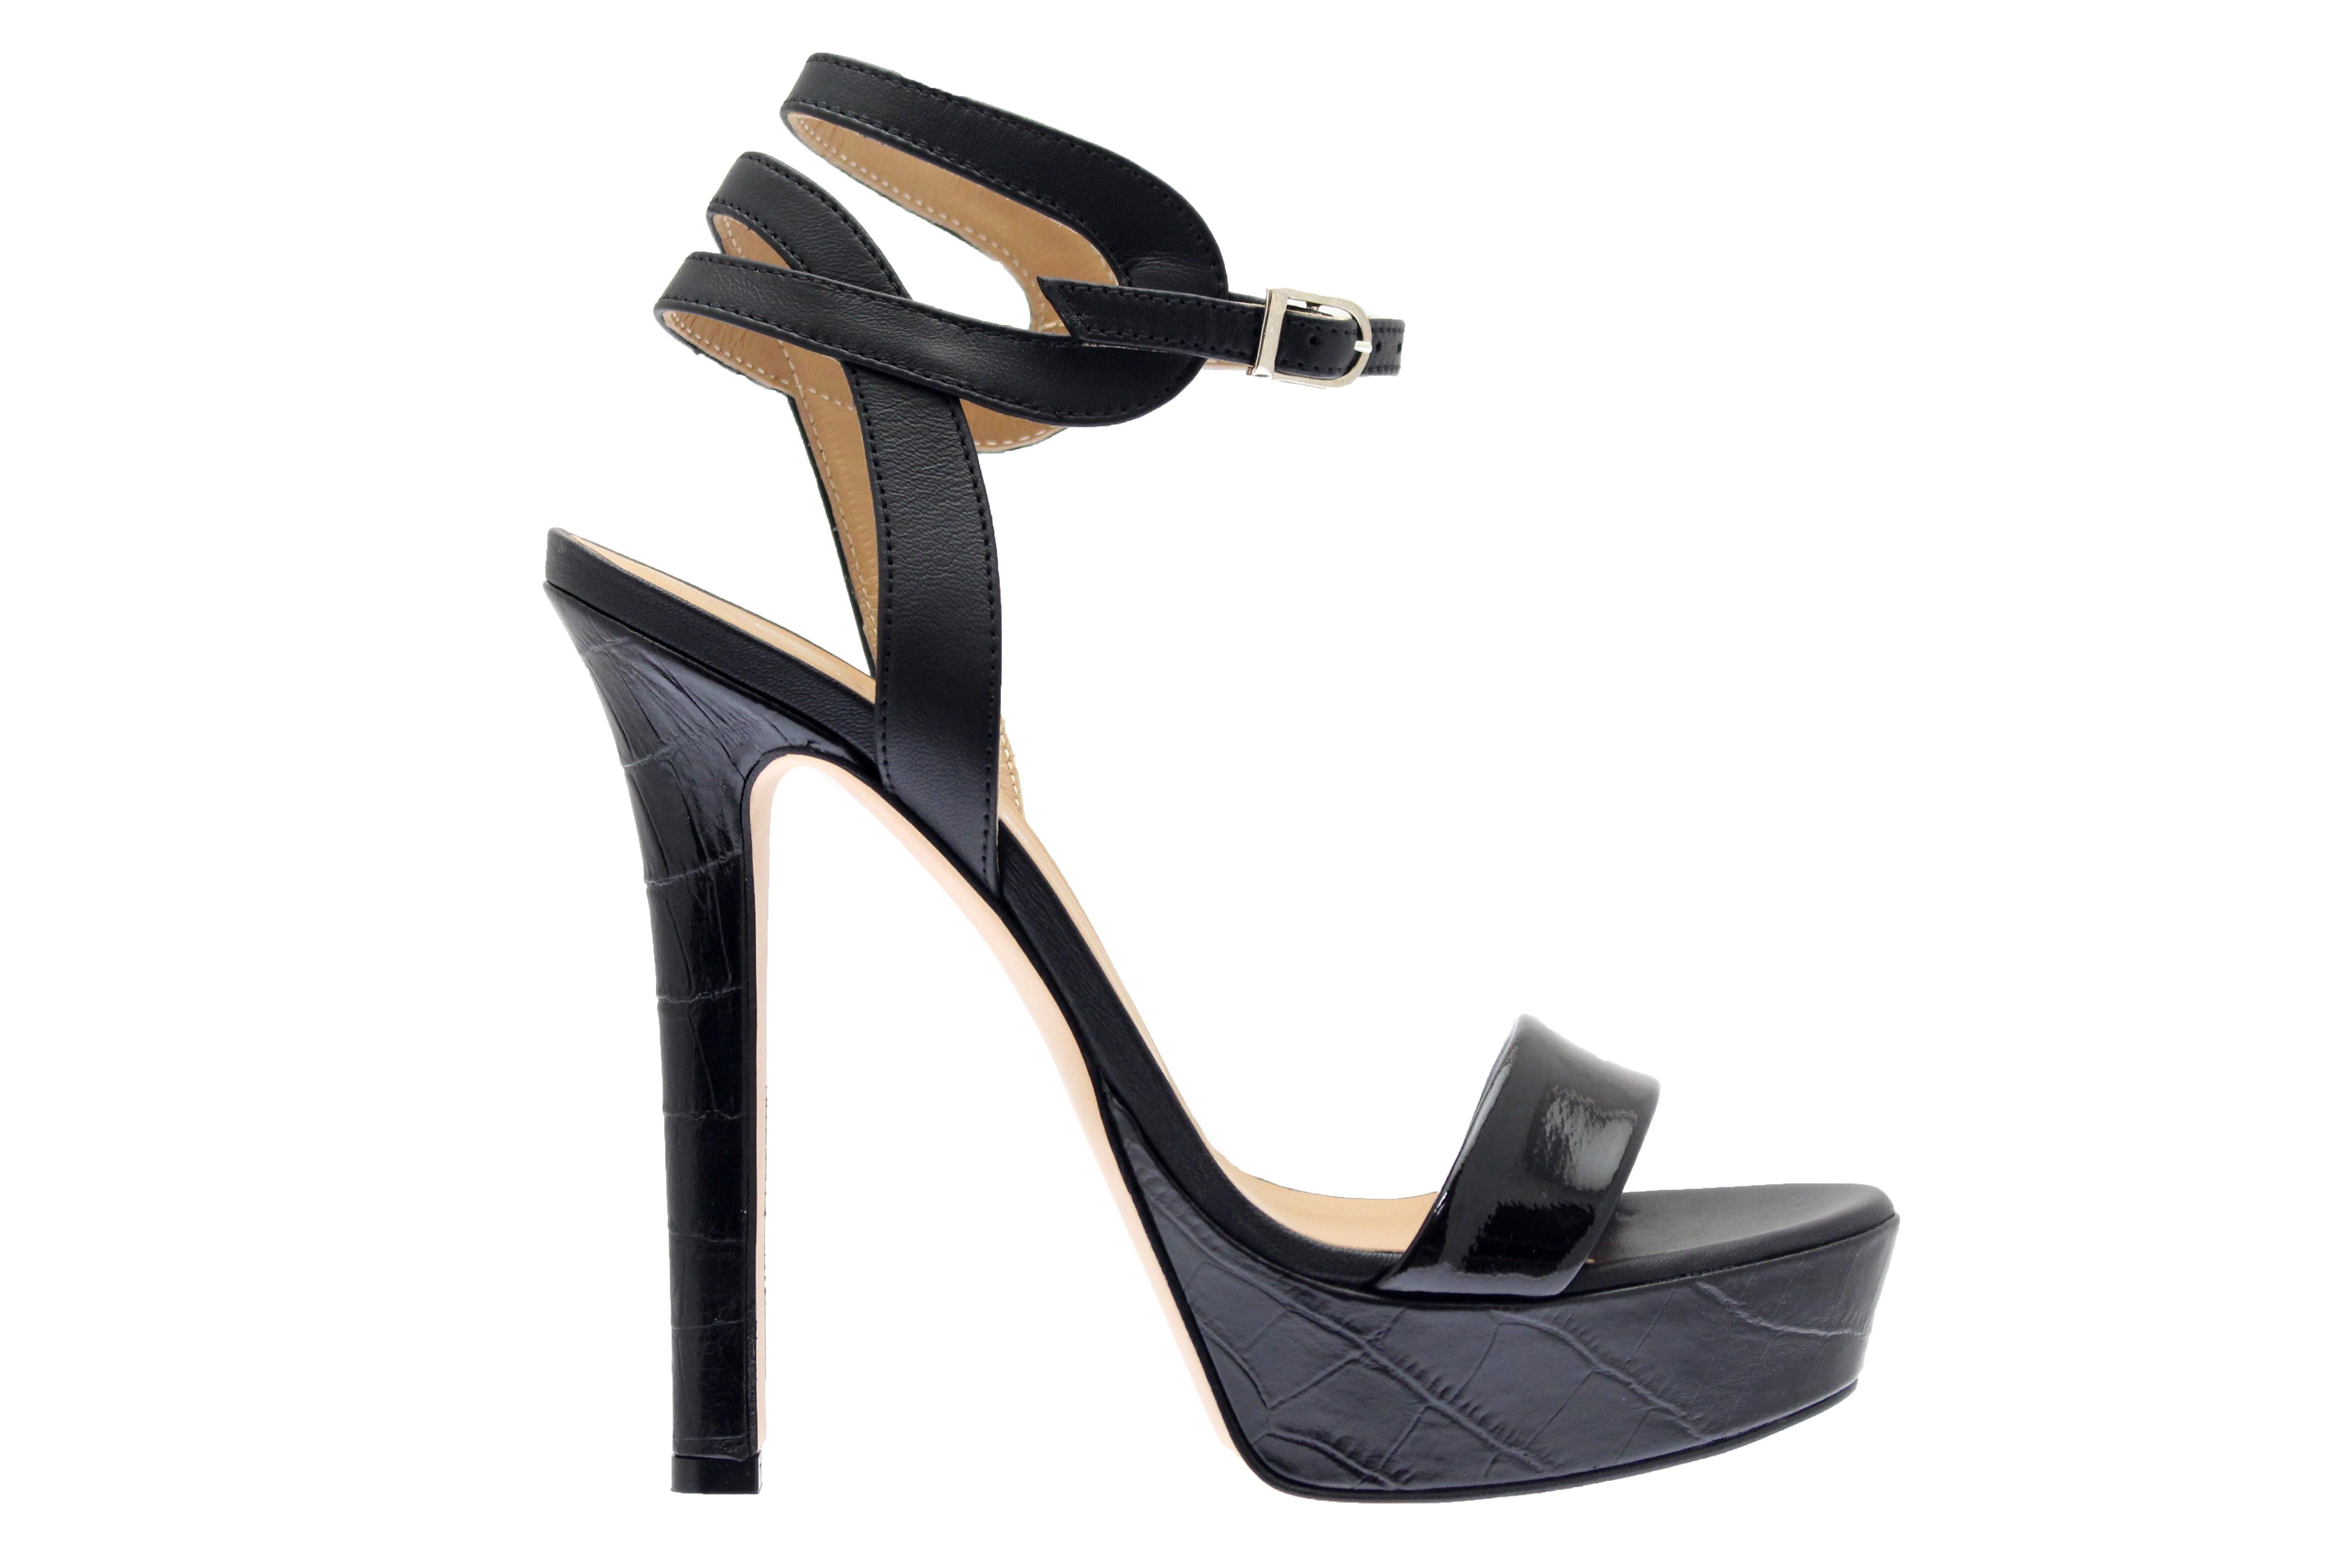 84715321aaa414 Sublime ligne de sandale à talon haut couture femme OSMOSE Shoes Paris